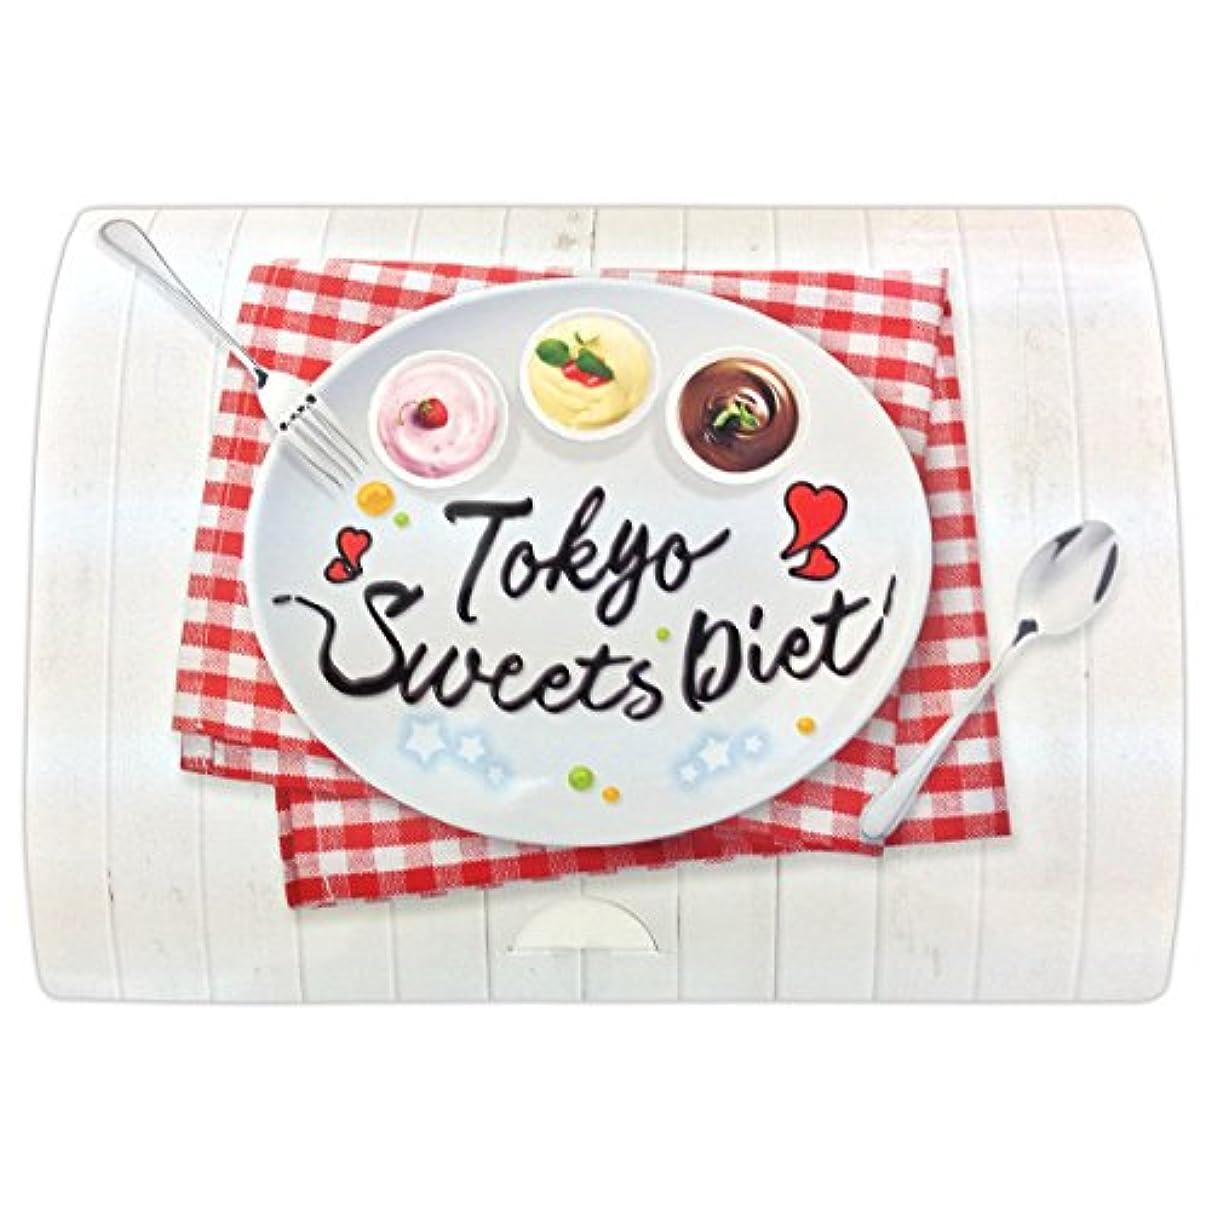 キルト自動はしごIDEA TOKYOスイーツダイエット 置き換えダイエットスイーツ 15食(1包:15g) ストロベリー味 チョコレート味 プリン味